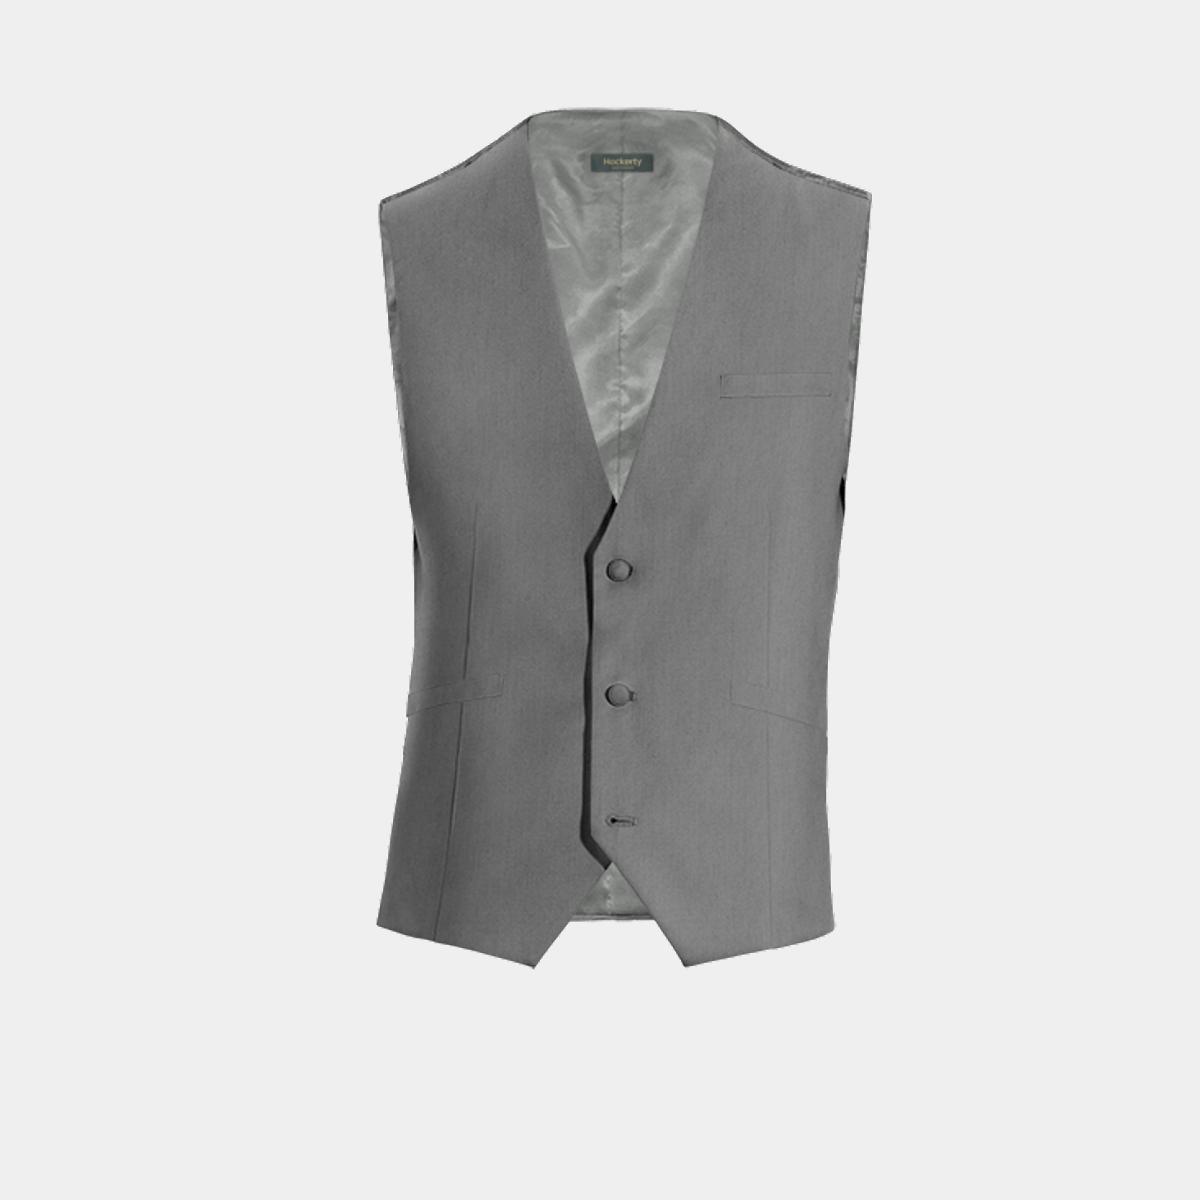 Chaleco de vestir gris 69€ - Wickford  e8ed382e1af